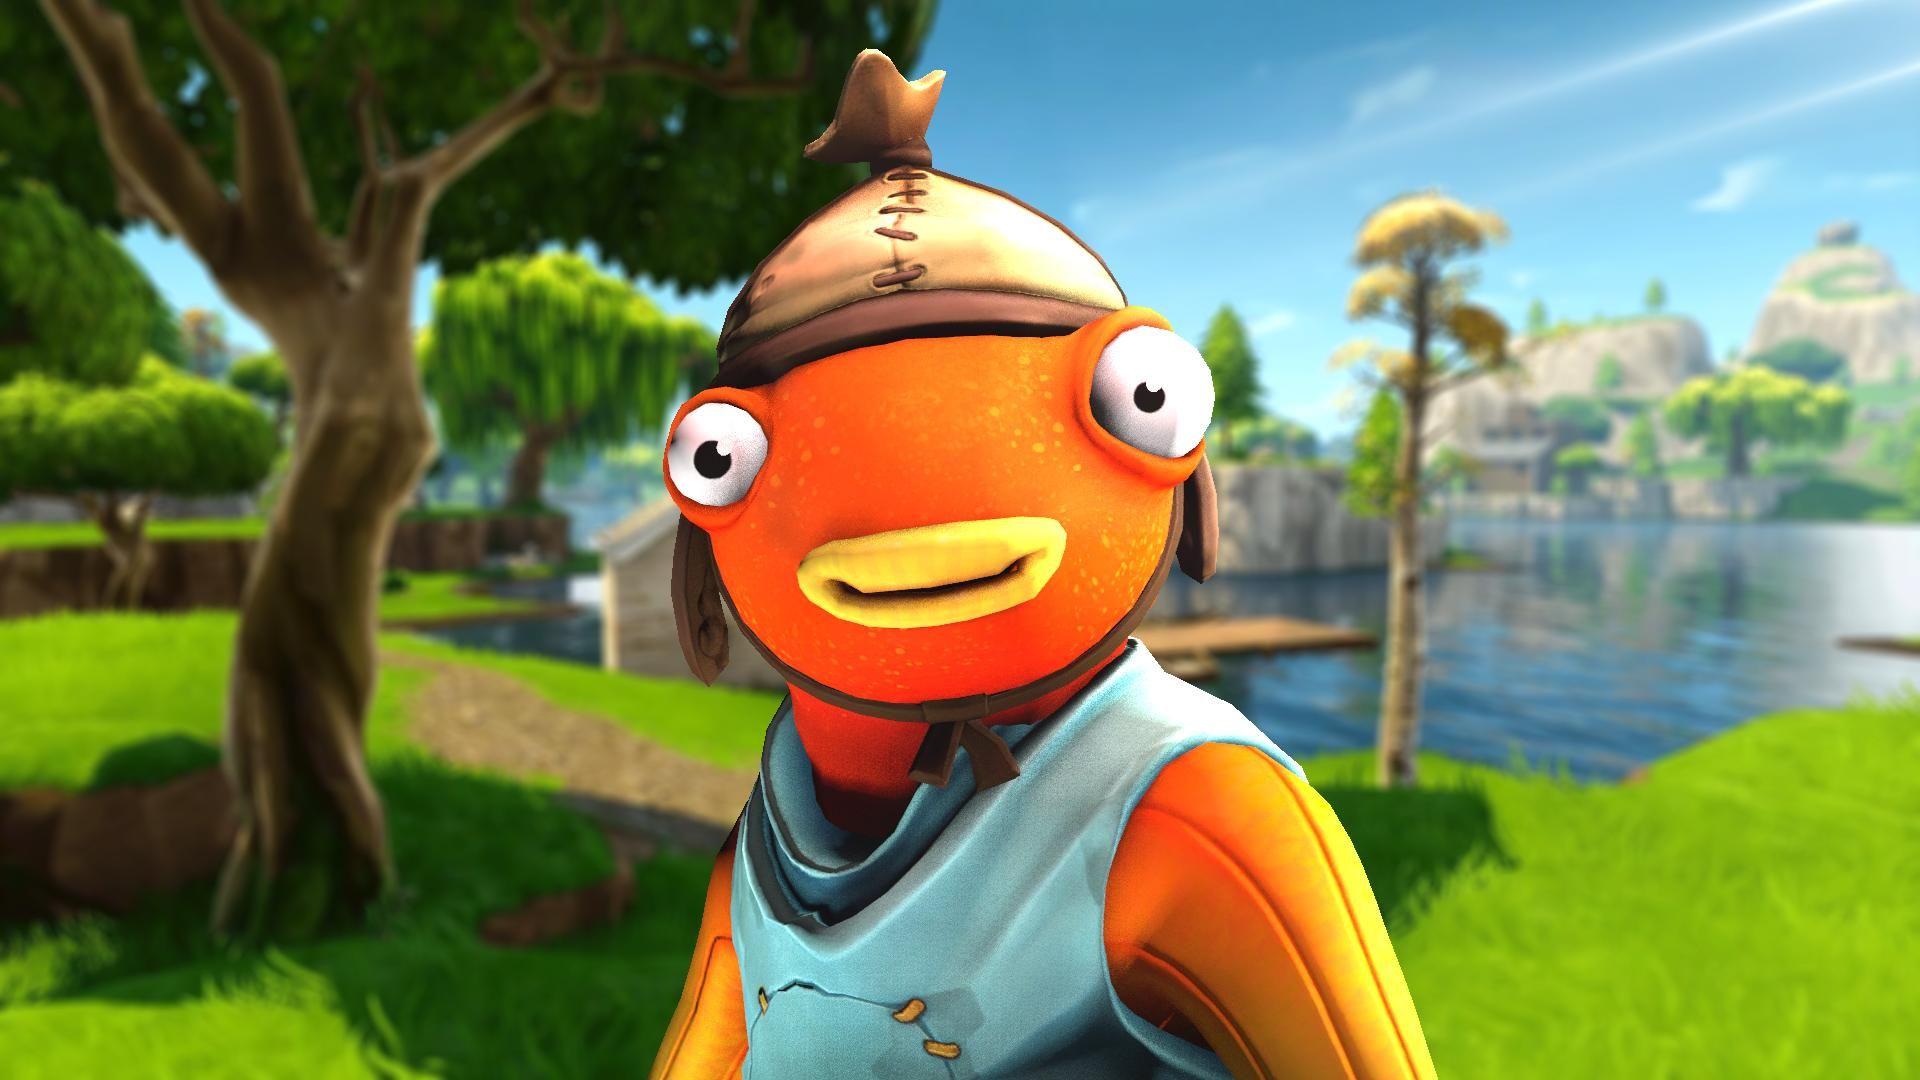 Los Nuevos Conceptos Skin Convierten A Fishstick Como Ninja Y Drlupo Gaming Wallpapers Best Gaming Wallpapers Funny Iphone Wallpaper